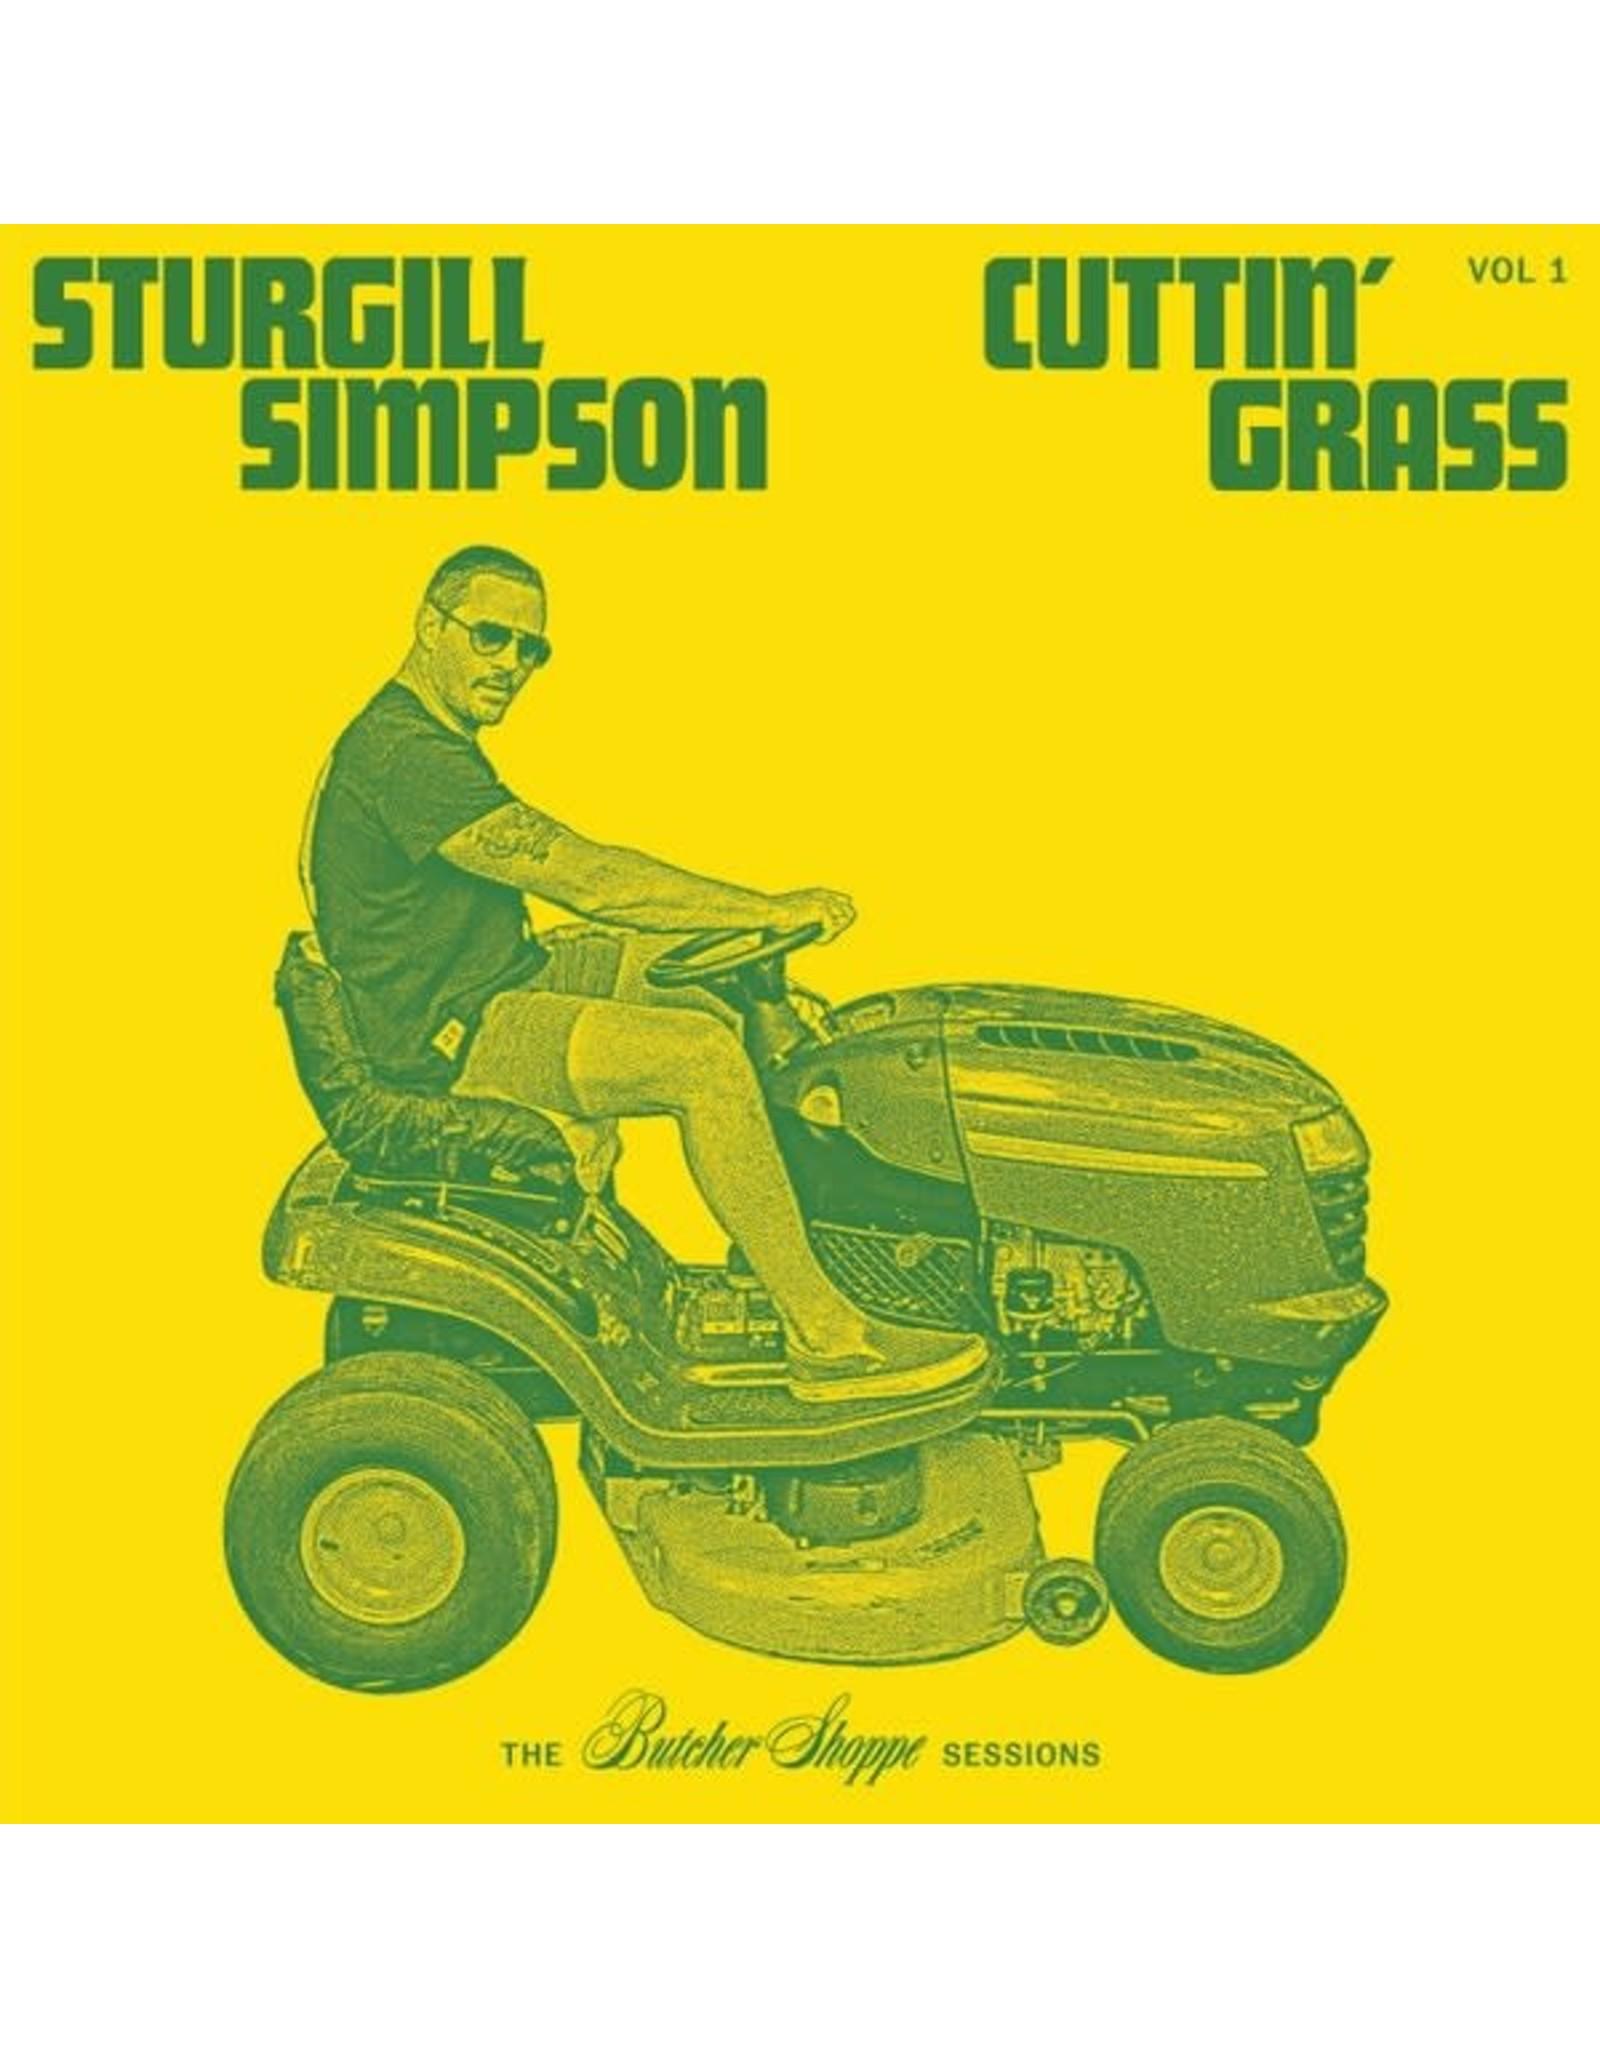 Simpson, Sturgill - Cuttin' Grass LP (Indie Retail Exclusive)